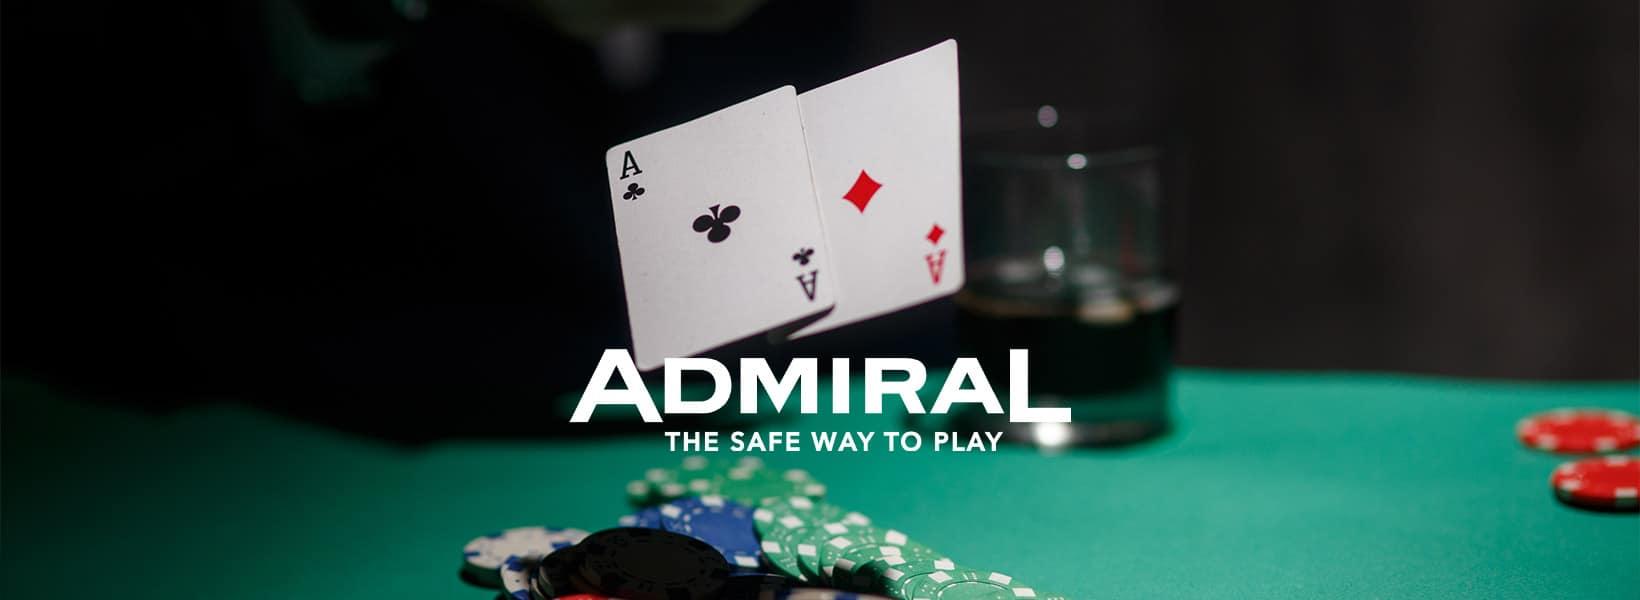 admiral poker gratis